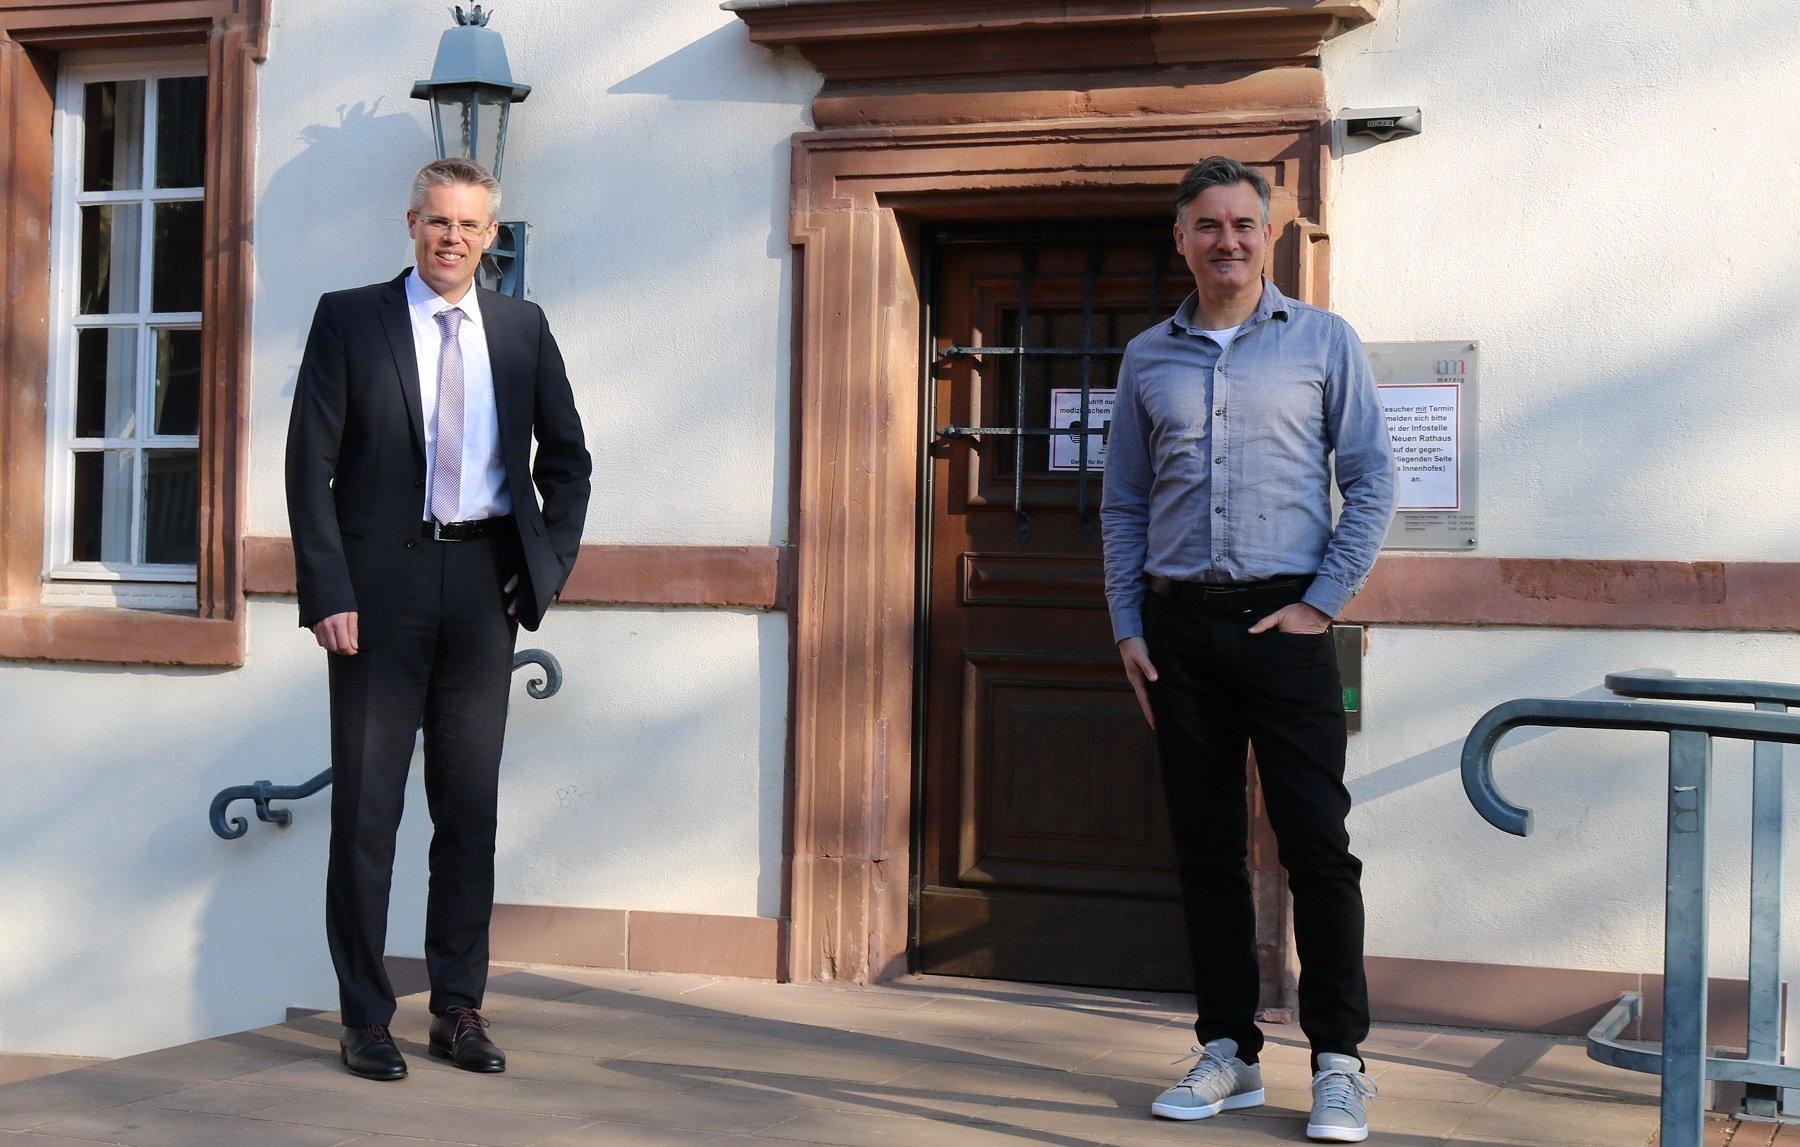 Das Foto zeigt den ersten Beigeordneten Christian Bies mit Bürgermeister Marcus Hoffeld.